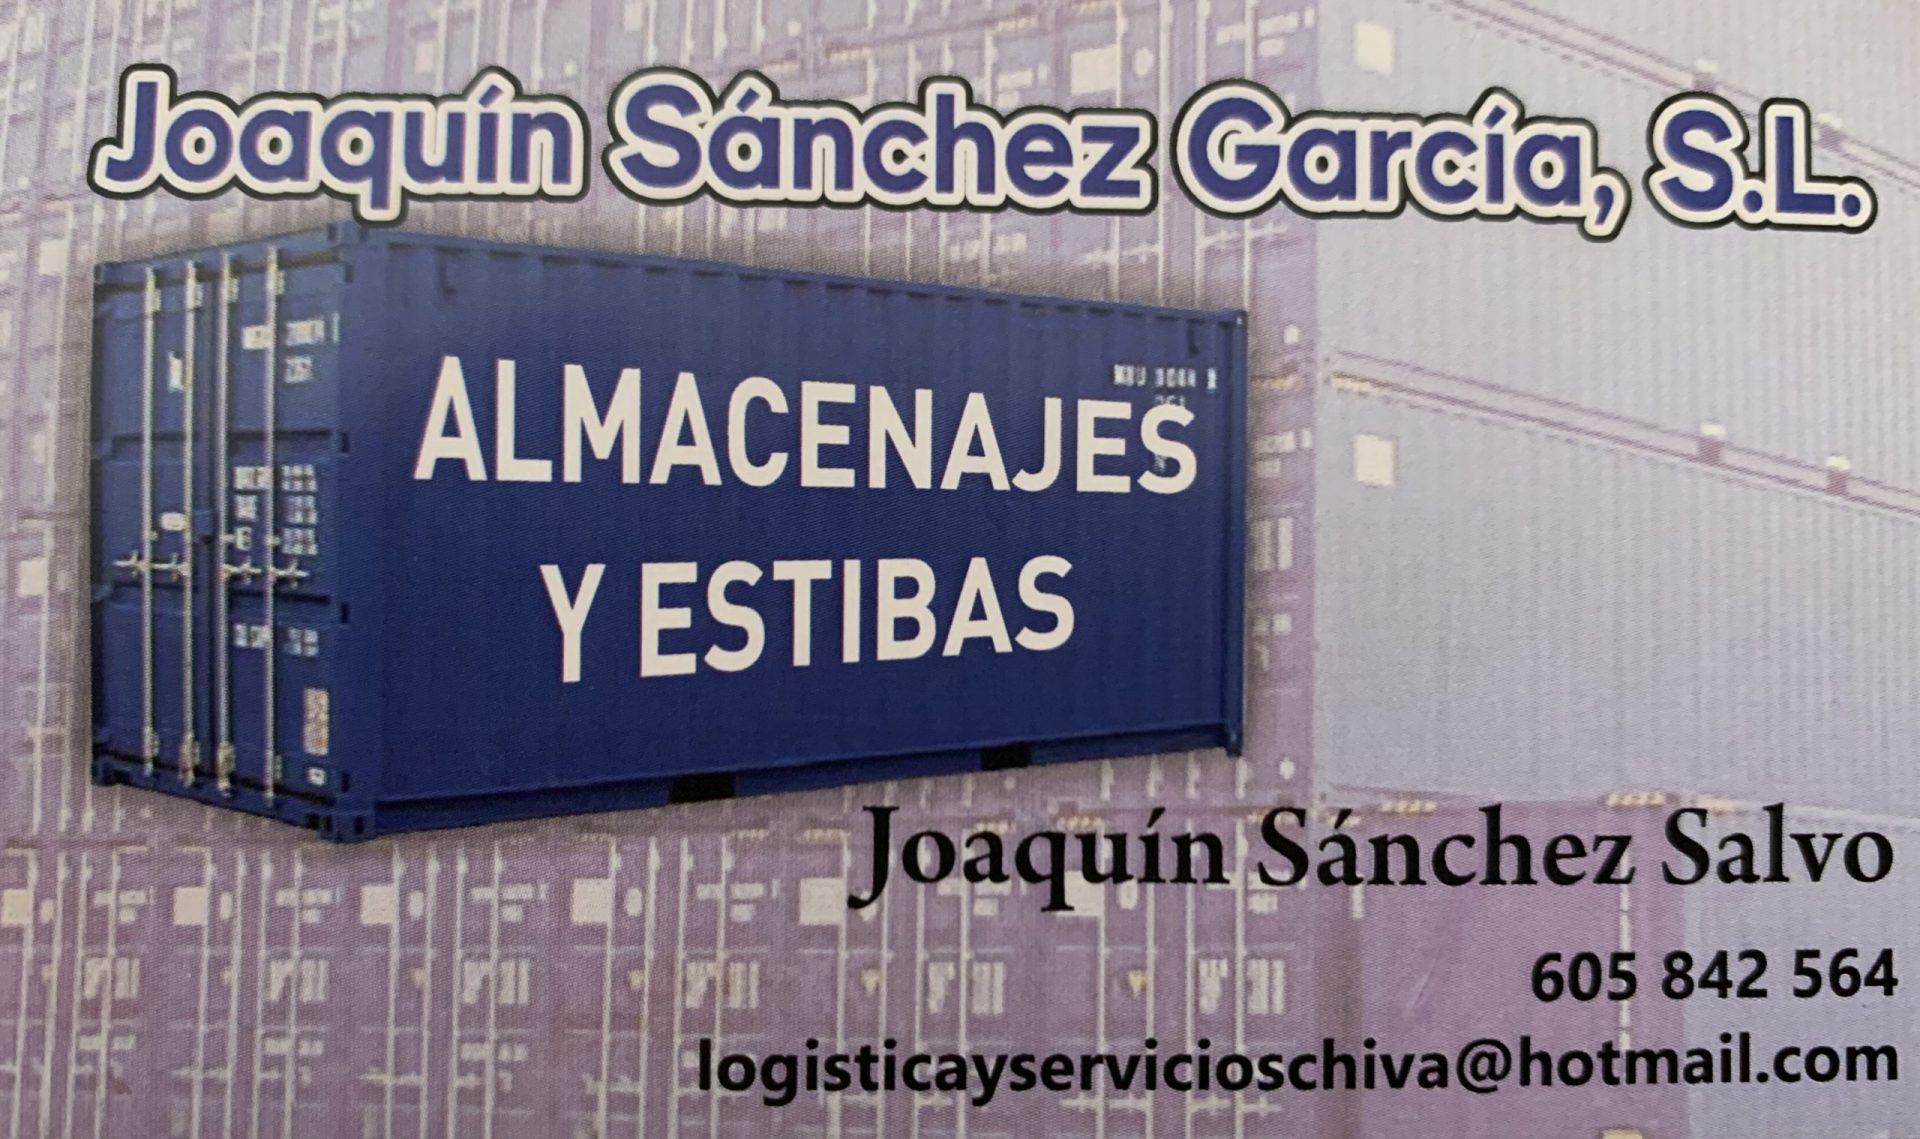 JOAQUÍN SÁNCHEZ GARCÍA, S.L.